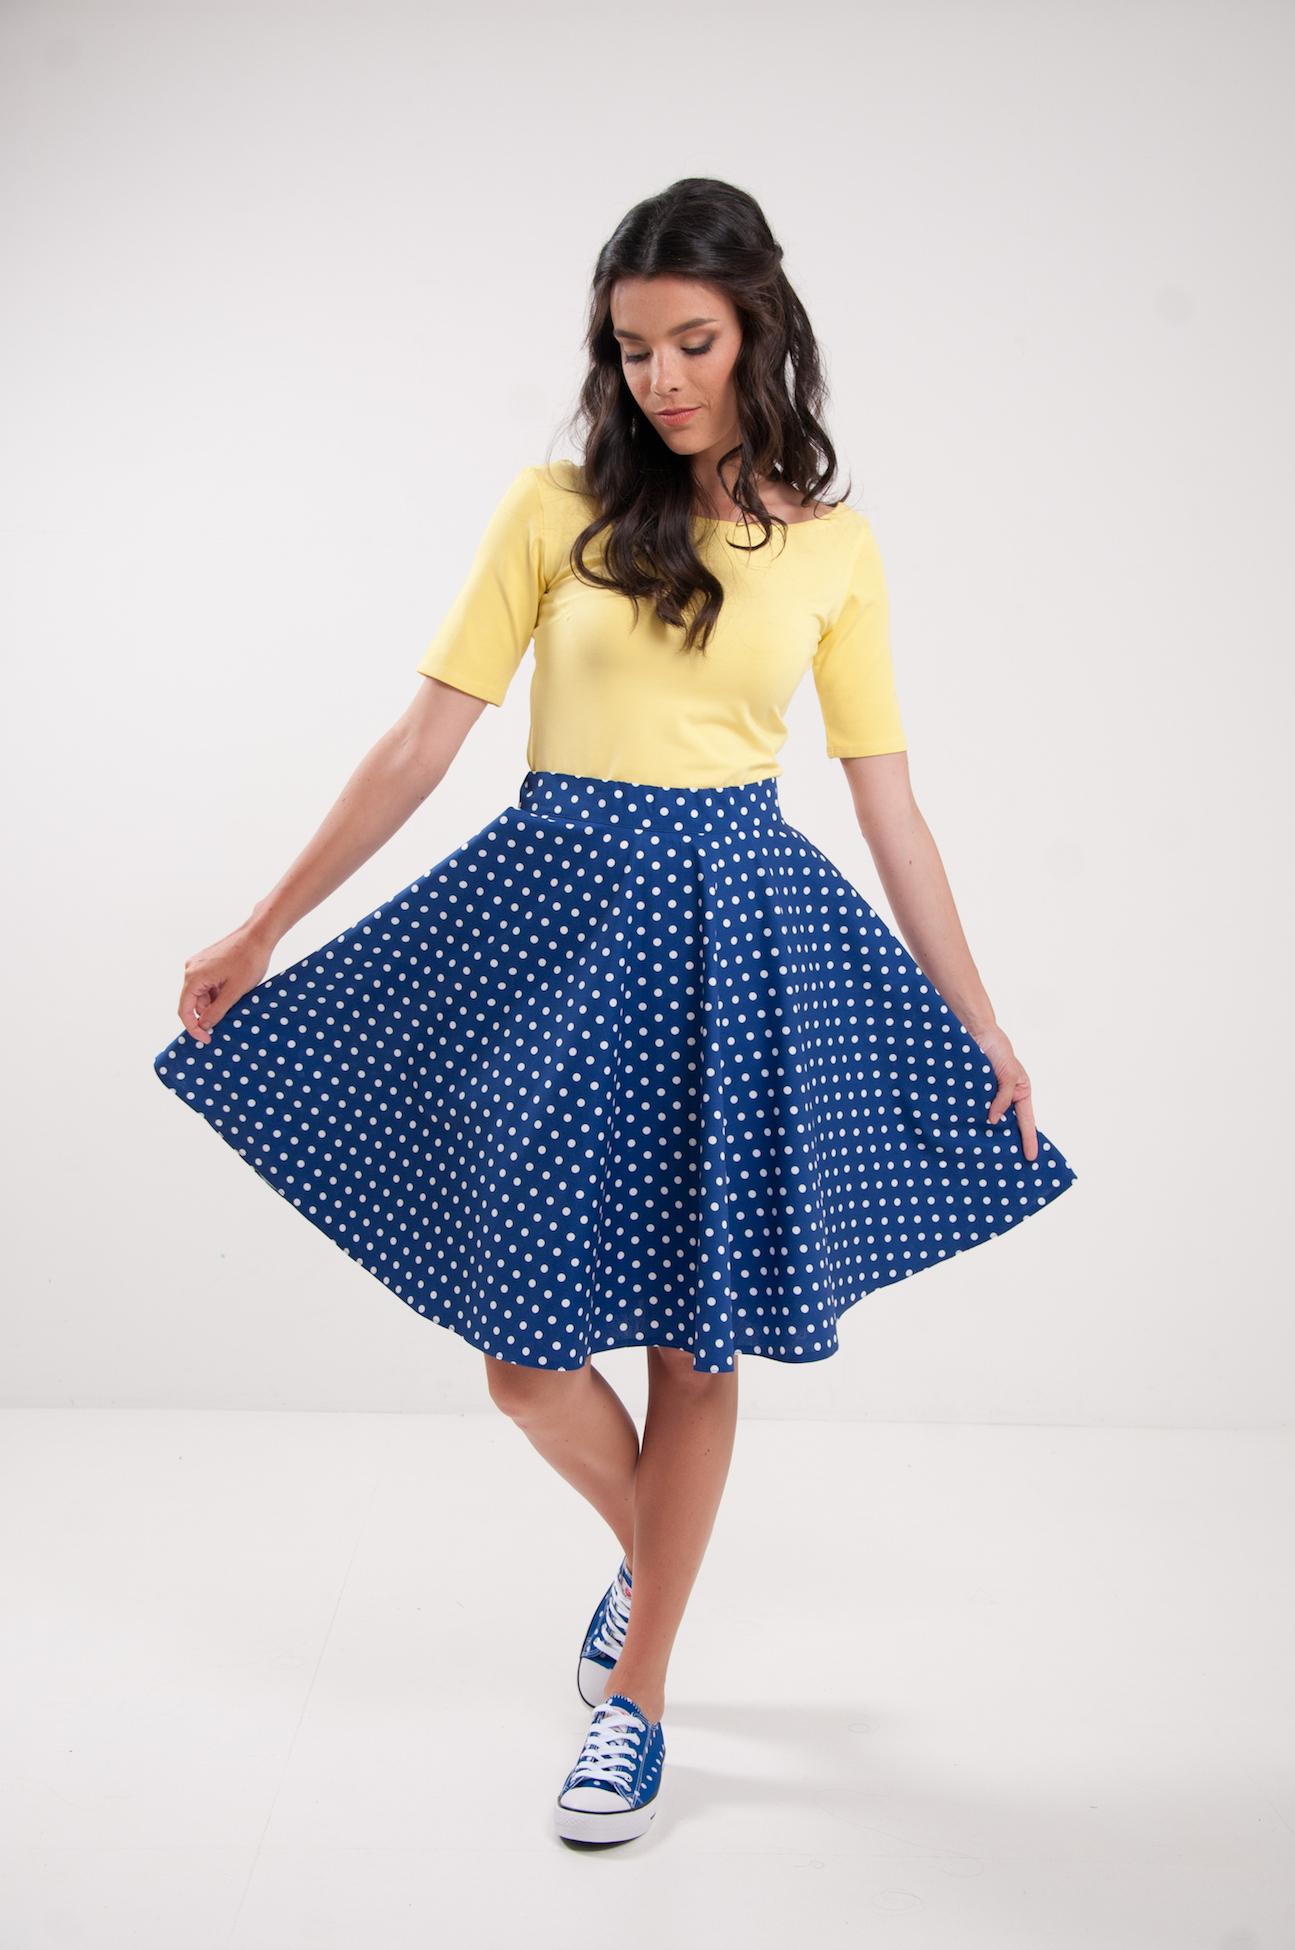 746d5b58812e Kolová Retro sukně puntíkatá modrá   Zboží prodejce Chic Lovely ...